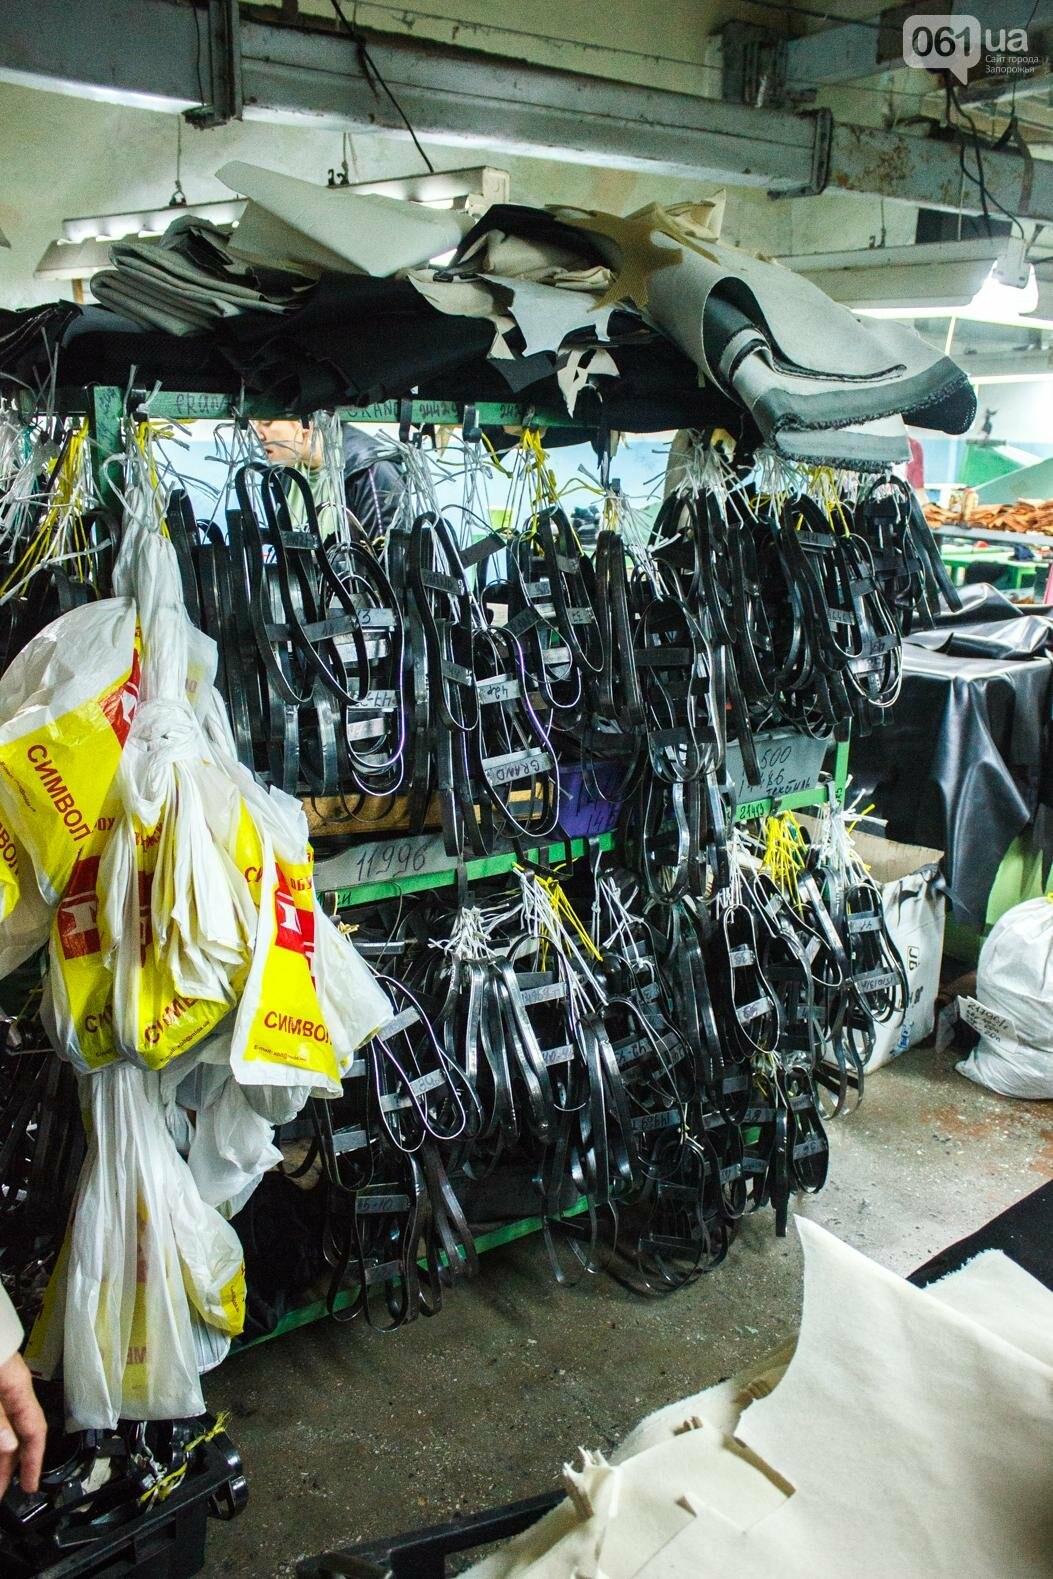 Как создается обувь: экскурсия на запорожскую обувную фабрику, – ФОТОРЕПОРТАЖ, фото-40